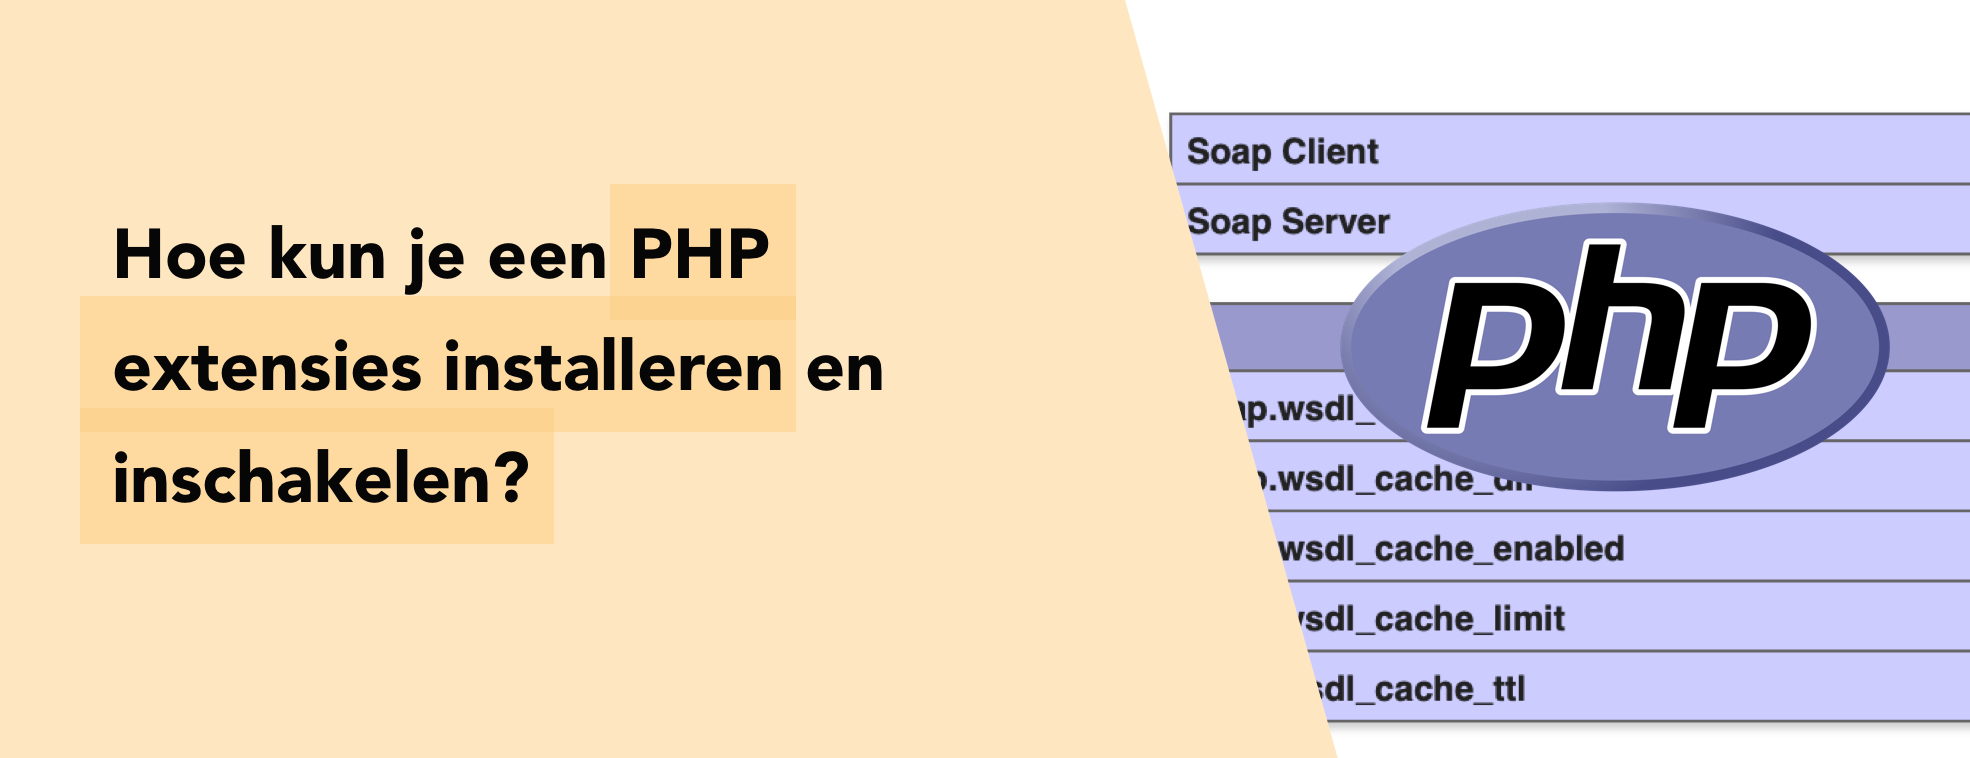 Hoe kun je een PHP extensies installeren en inschakelen?